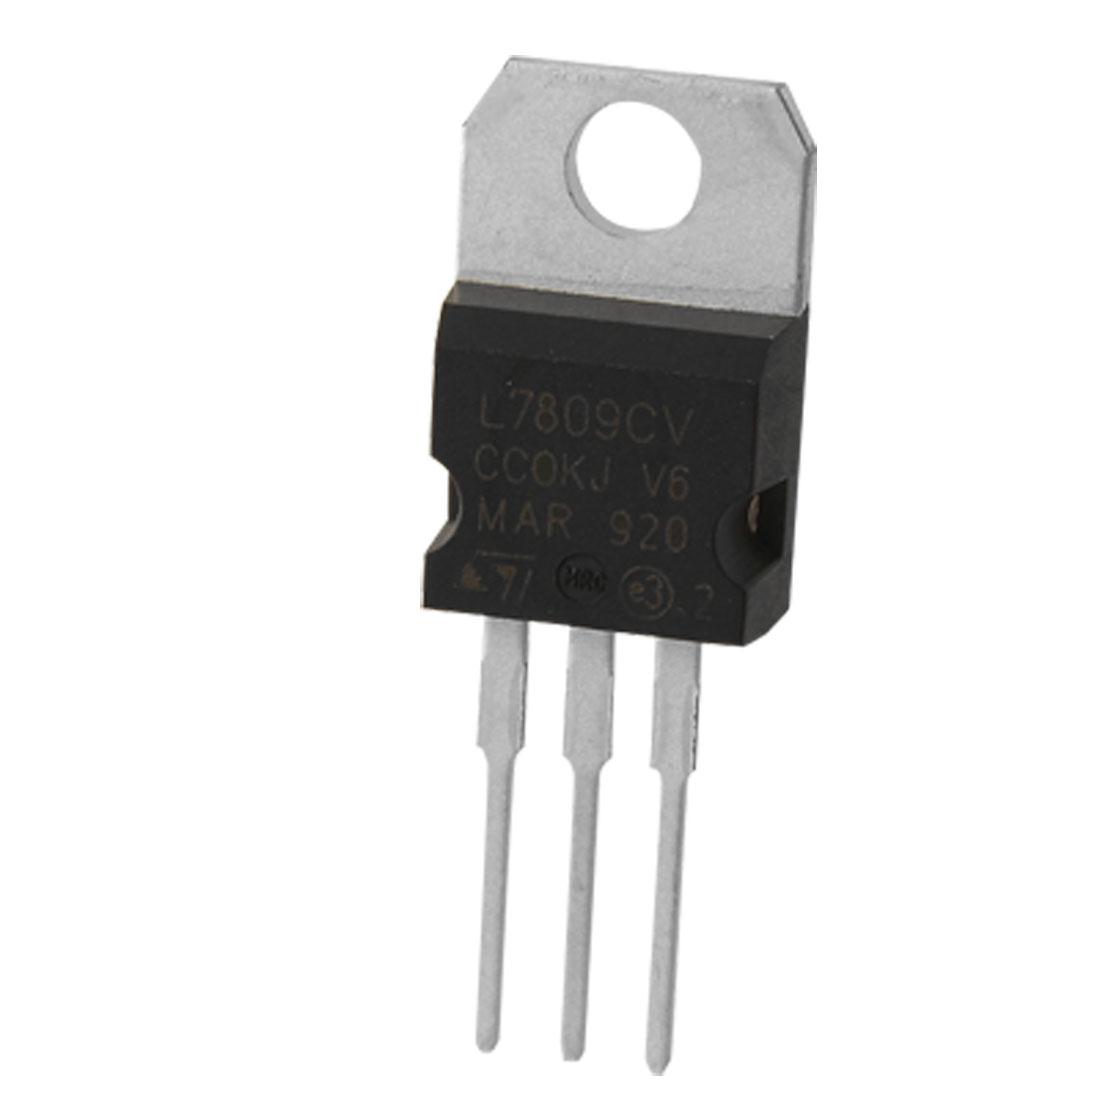 2 Pcs L7809CV 3 Terminals Through Hole 1.5A 9V Postive Voltage Regulator